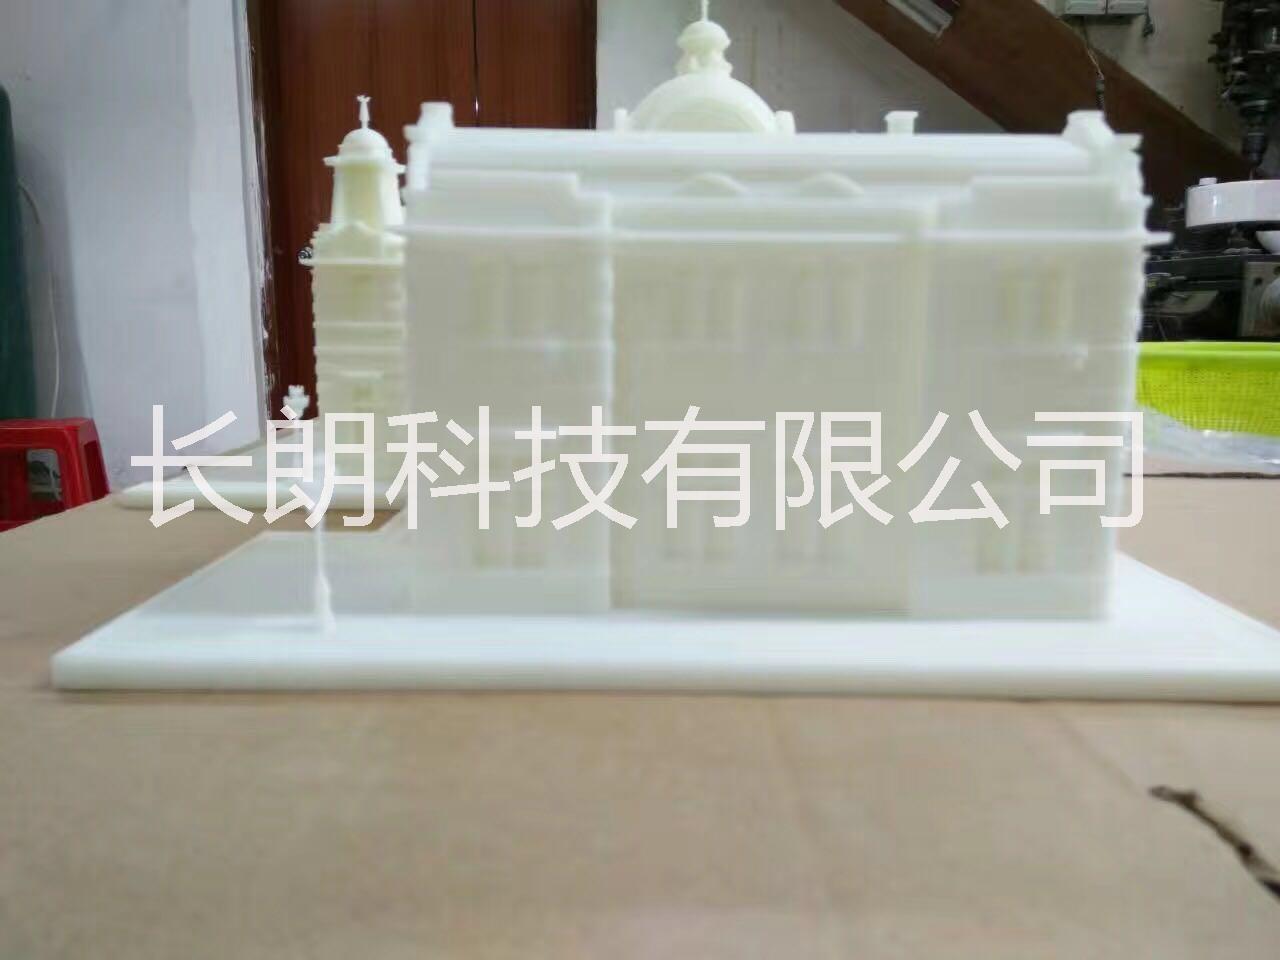 东莞3D打印模型 SLA激光快速成型  手板制作 专业高精度3D打印 SLA激光快速成型 3D打印模型